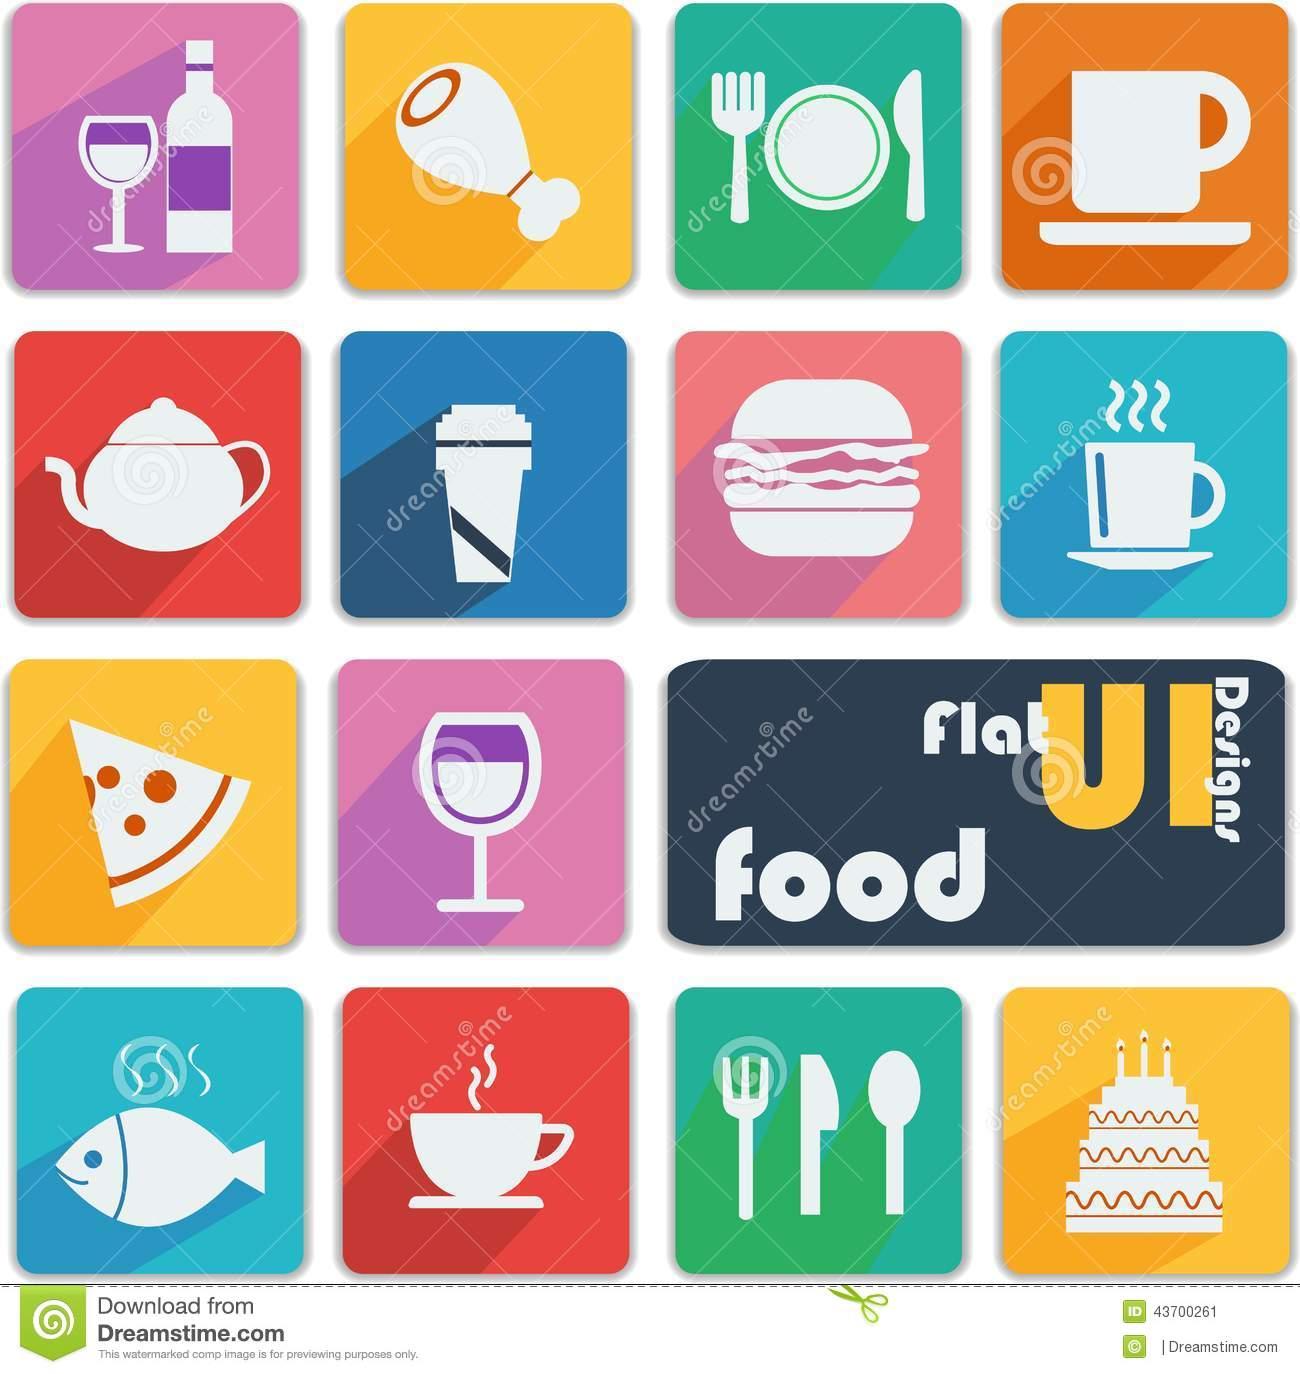 Flat UI Design Icons